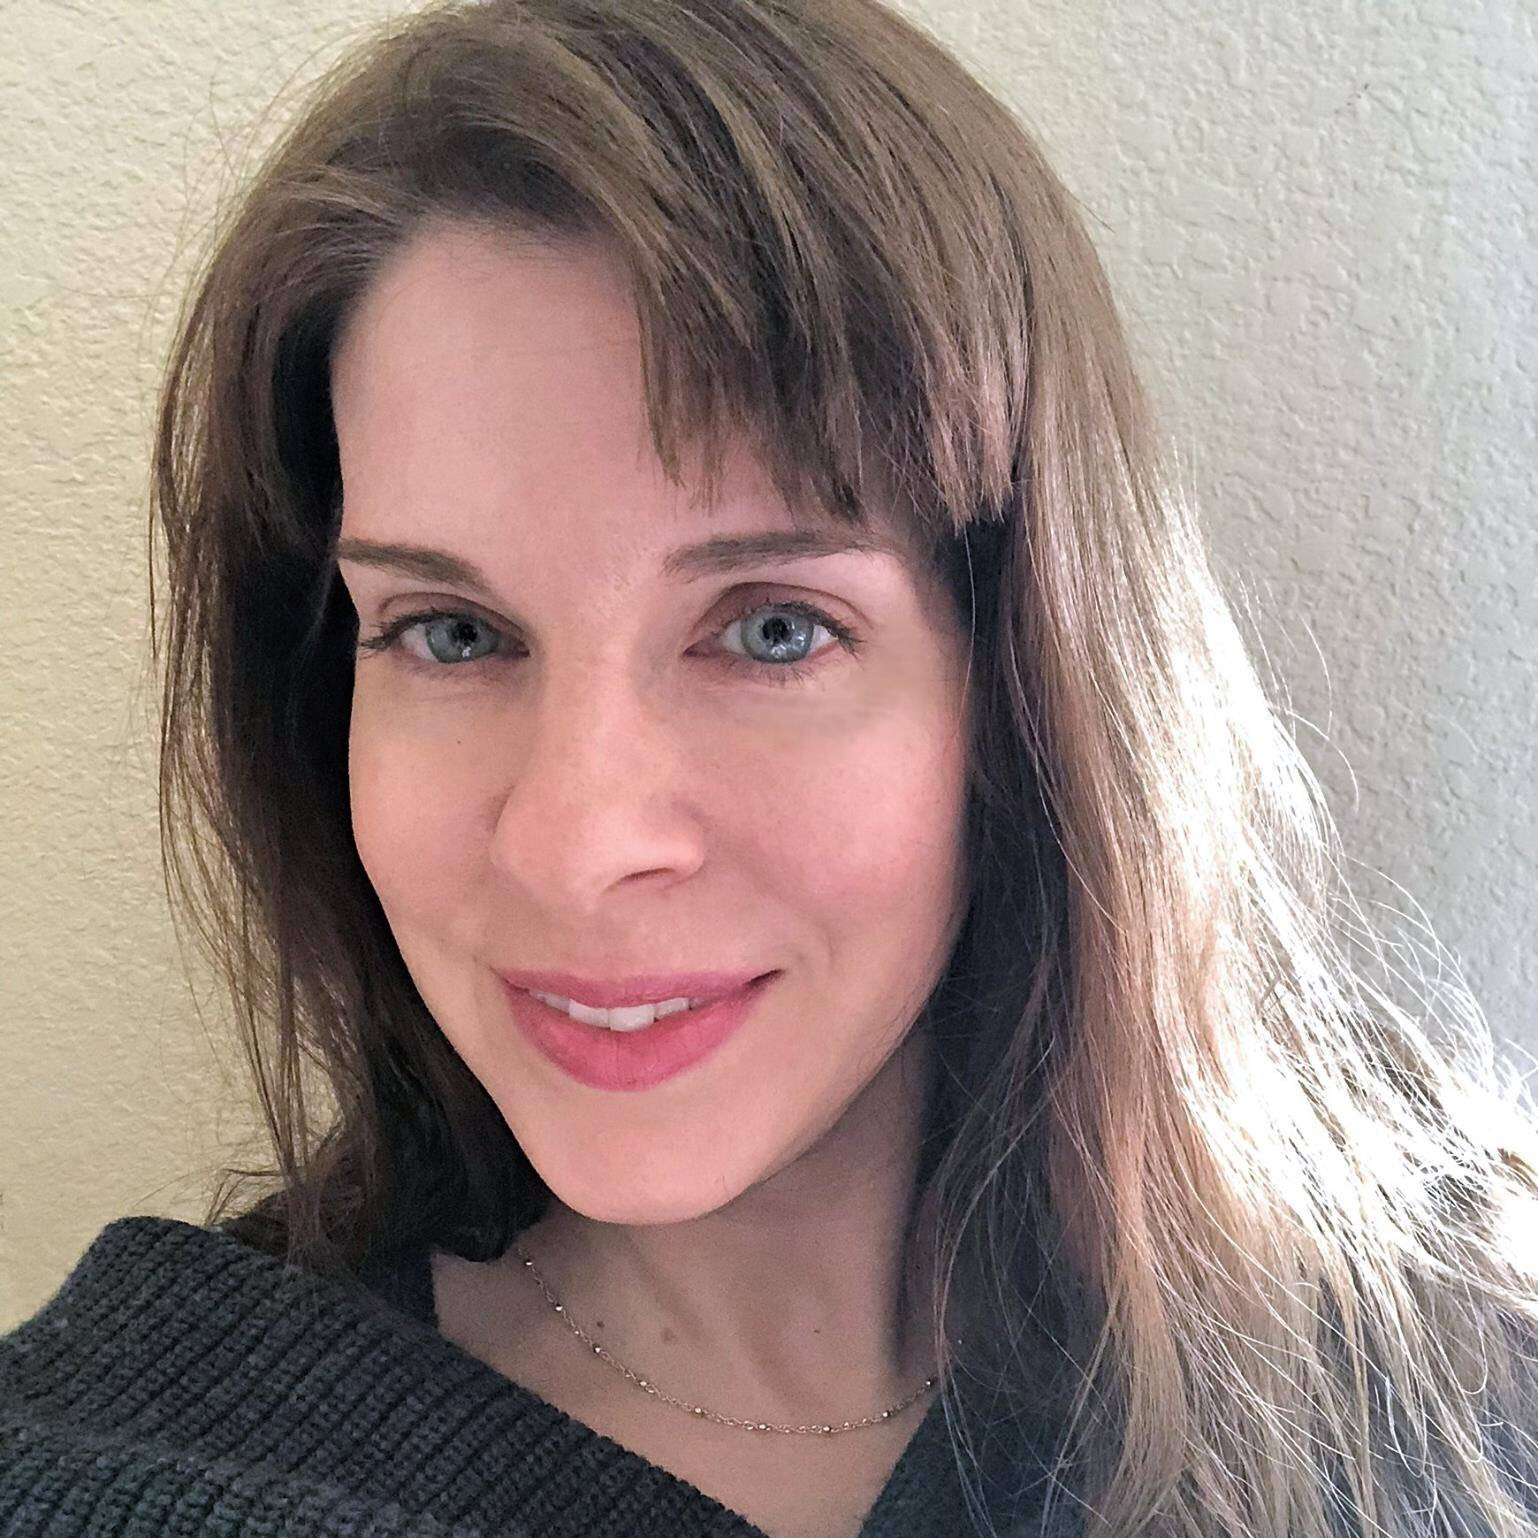 Head shot of Aubrey Drescher